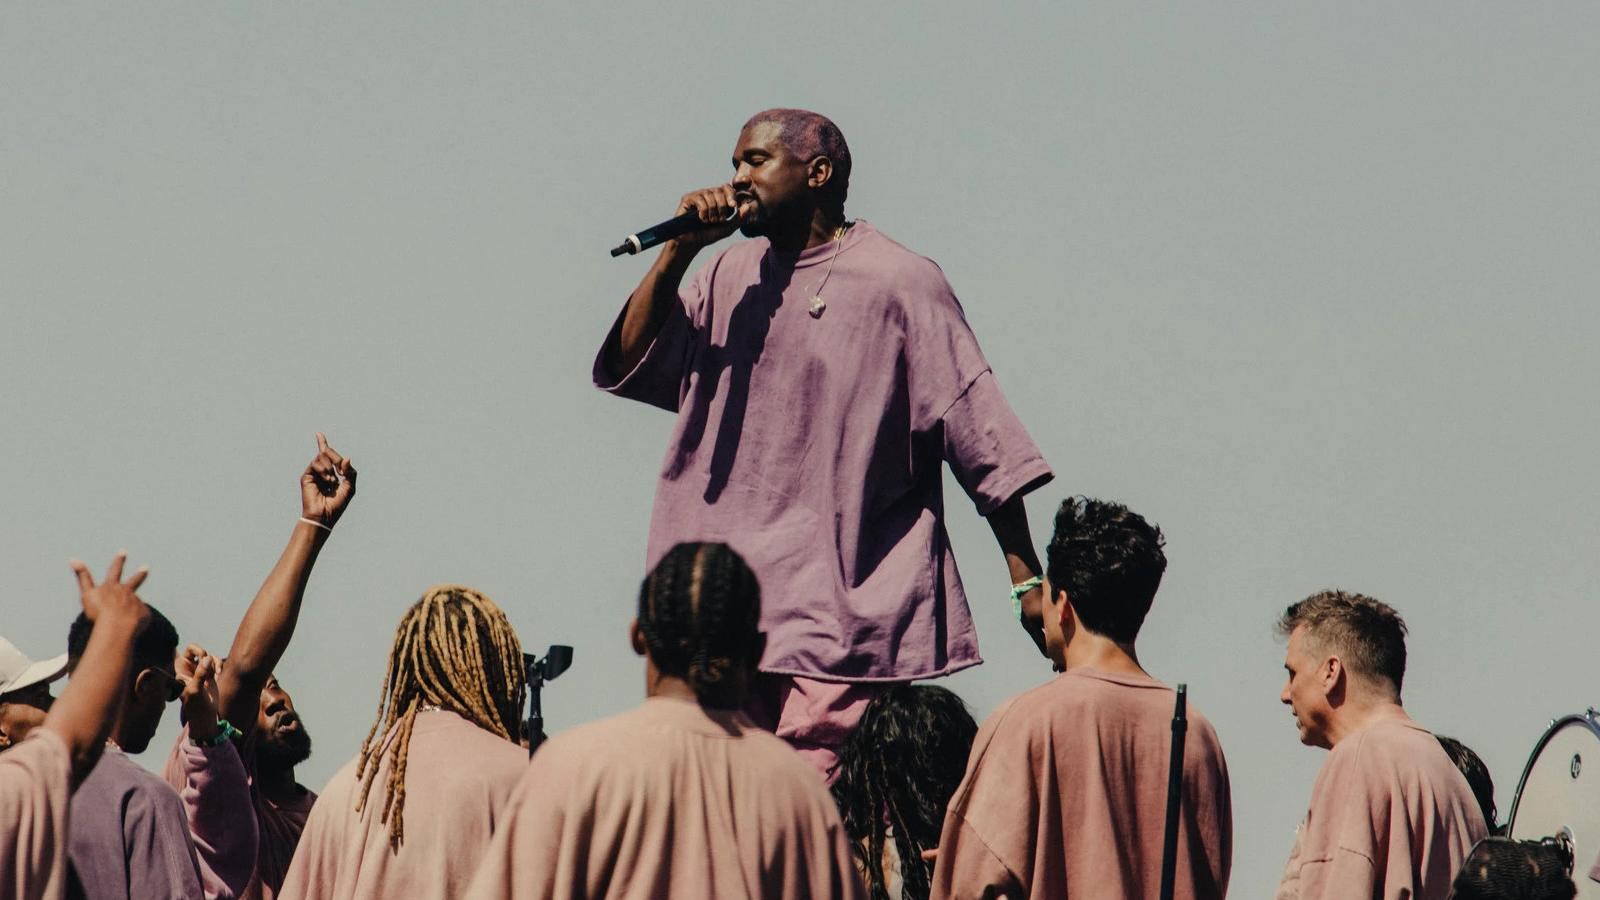 Assim como a passagem bíblica de Moisés ou, no Coachella, o show de Beyoncé no último ano, a performance de Kanye West é divisora de águas para o festival.